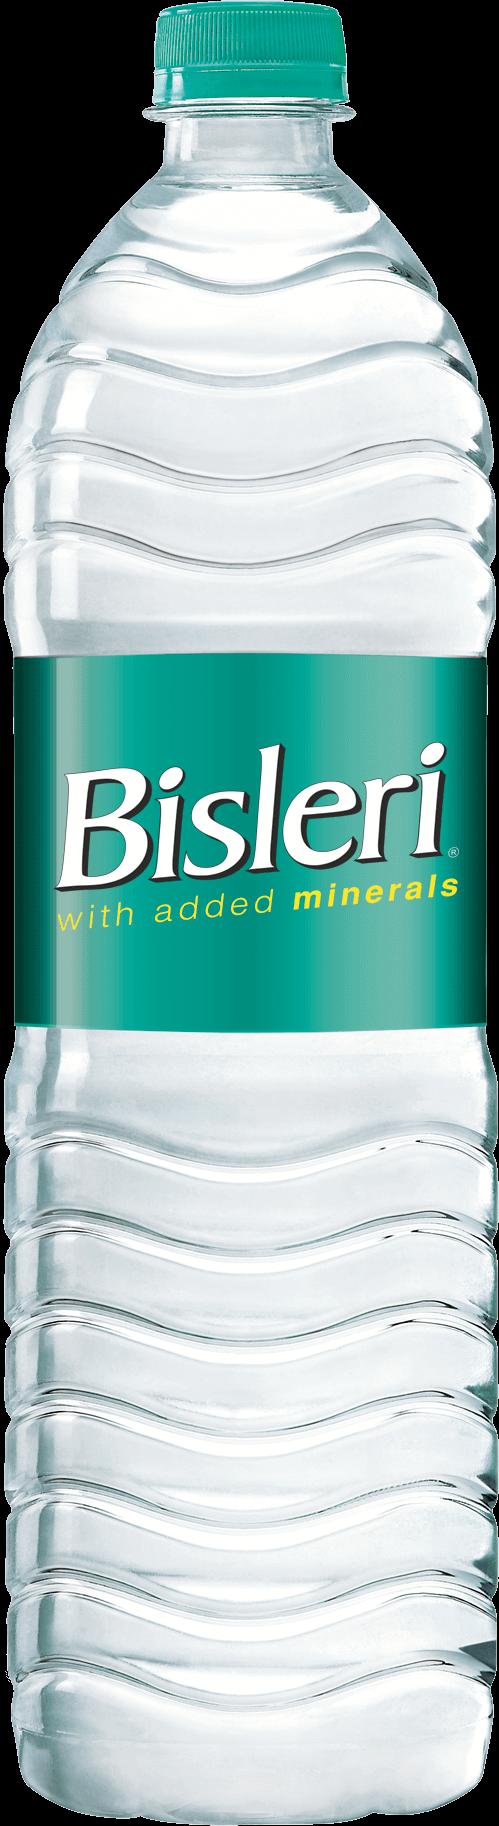 bisleri-english